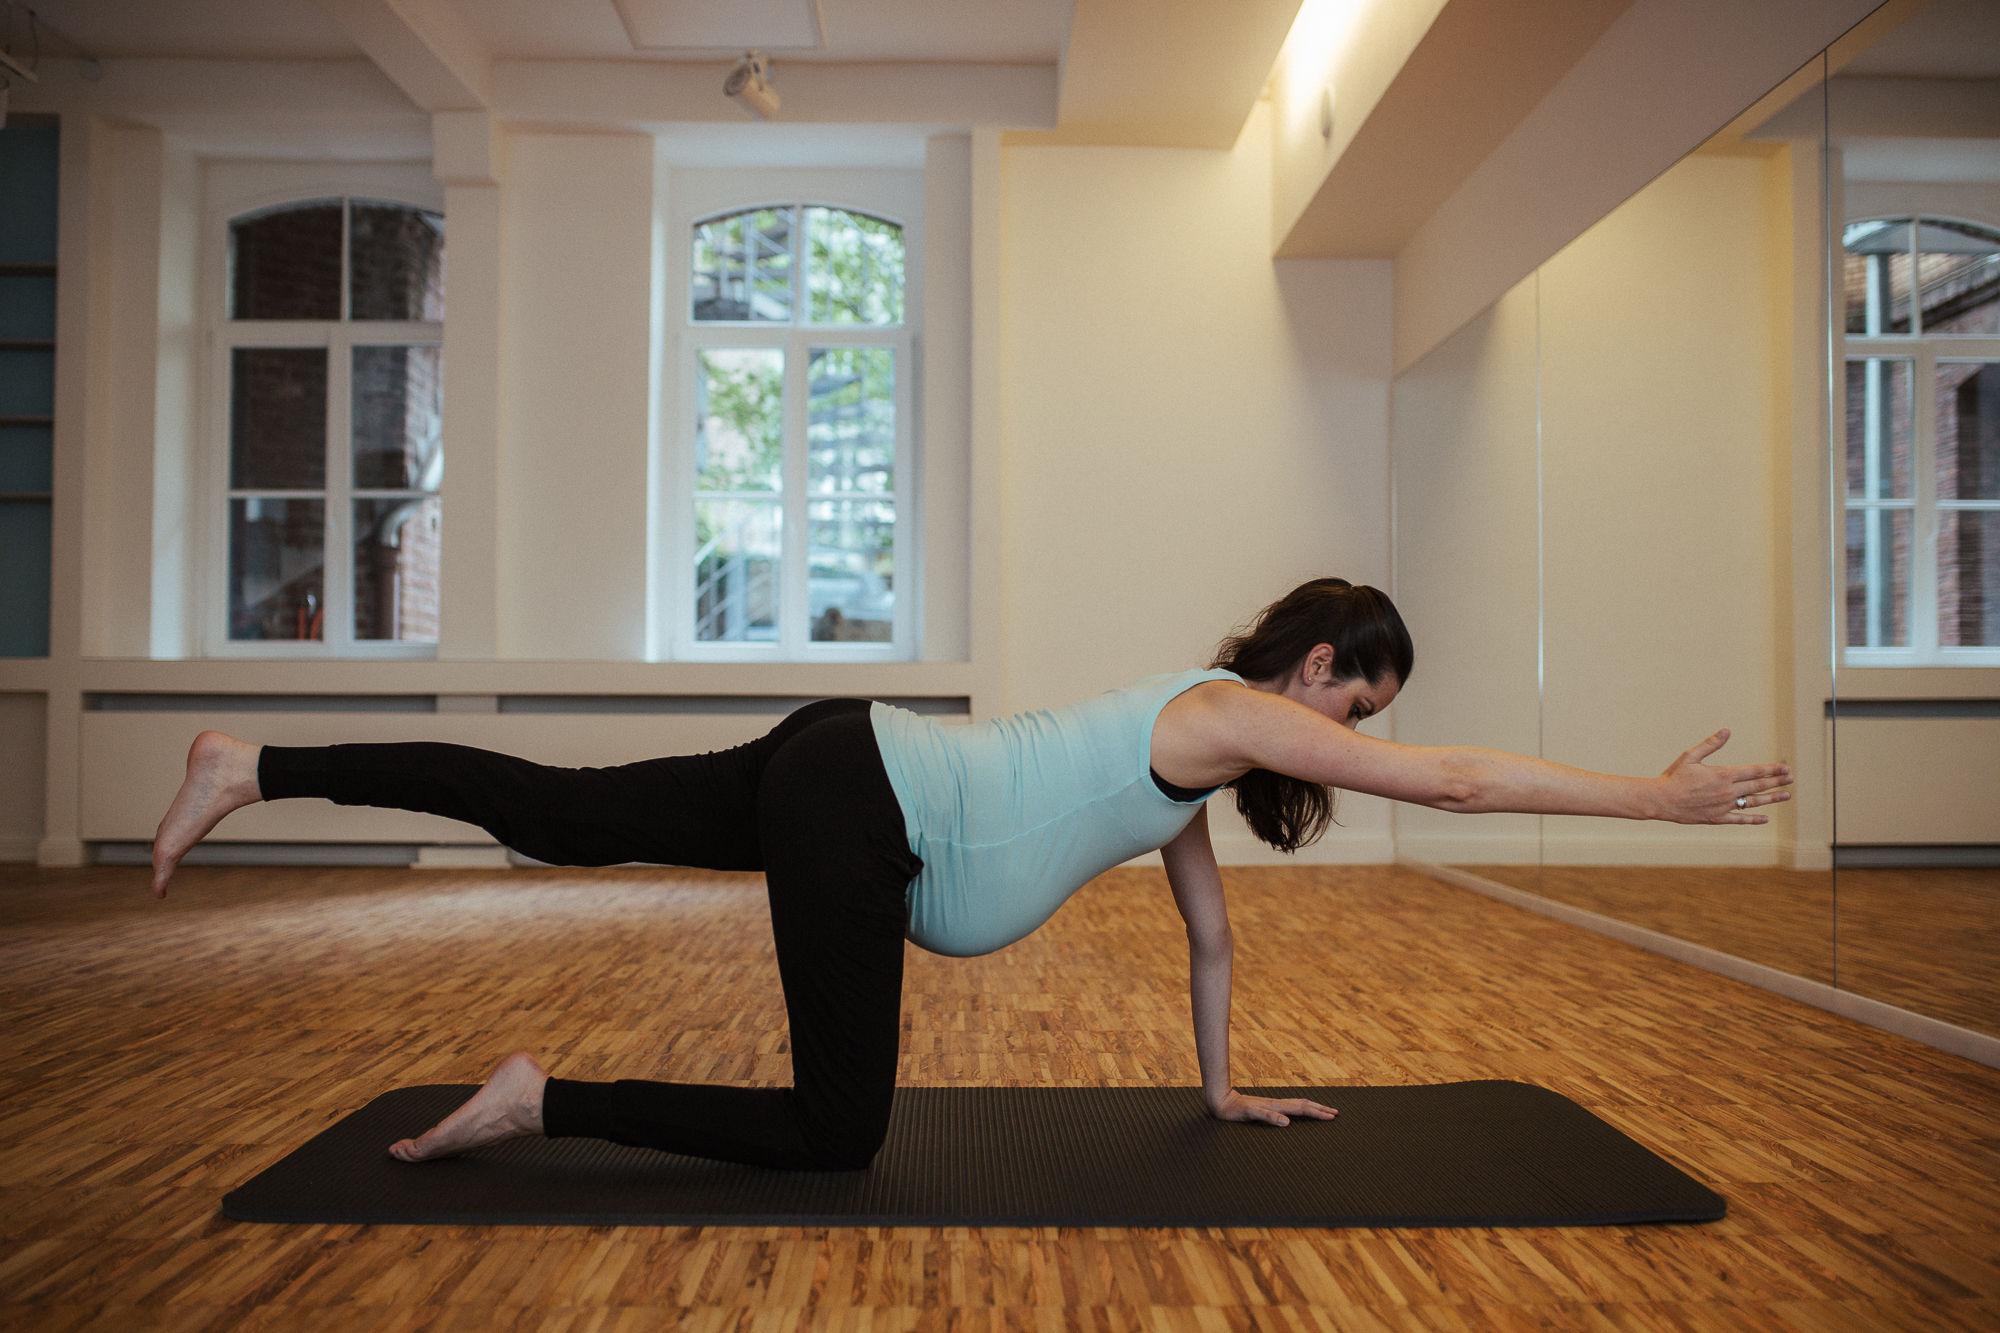 Schwangere Frau macht eine Pilates Übung auf einer Matte.